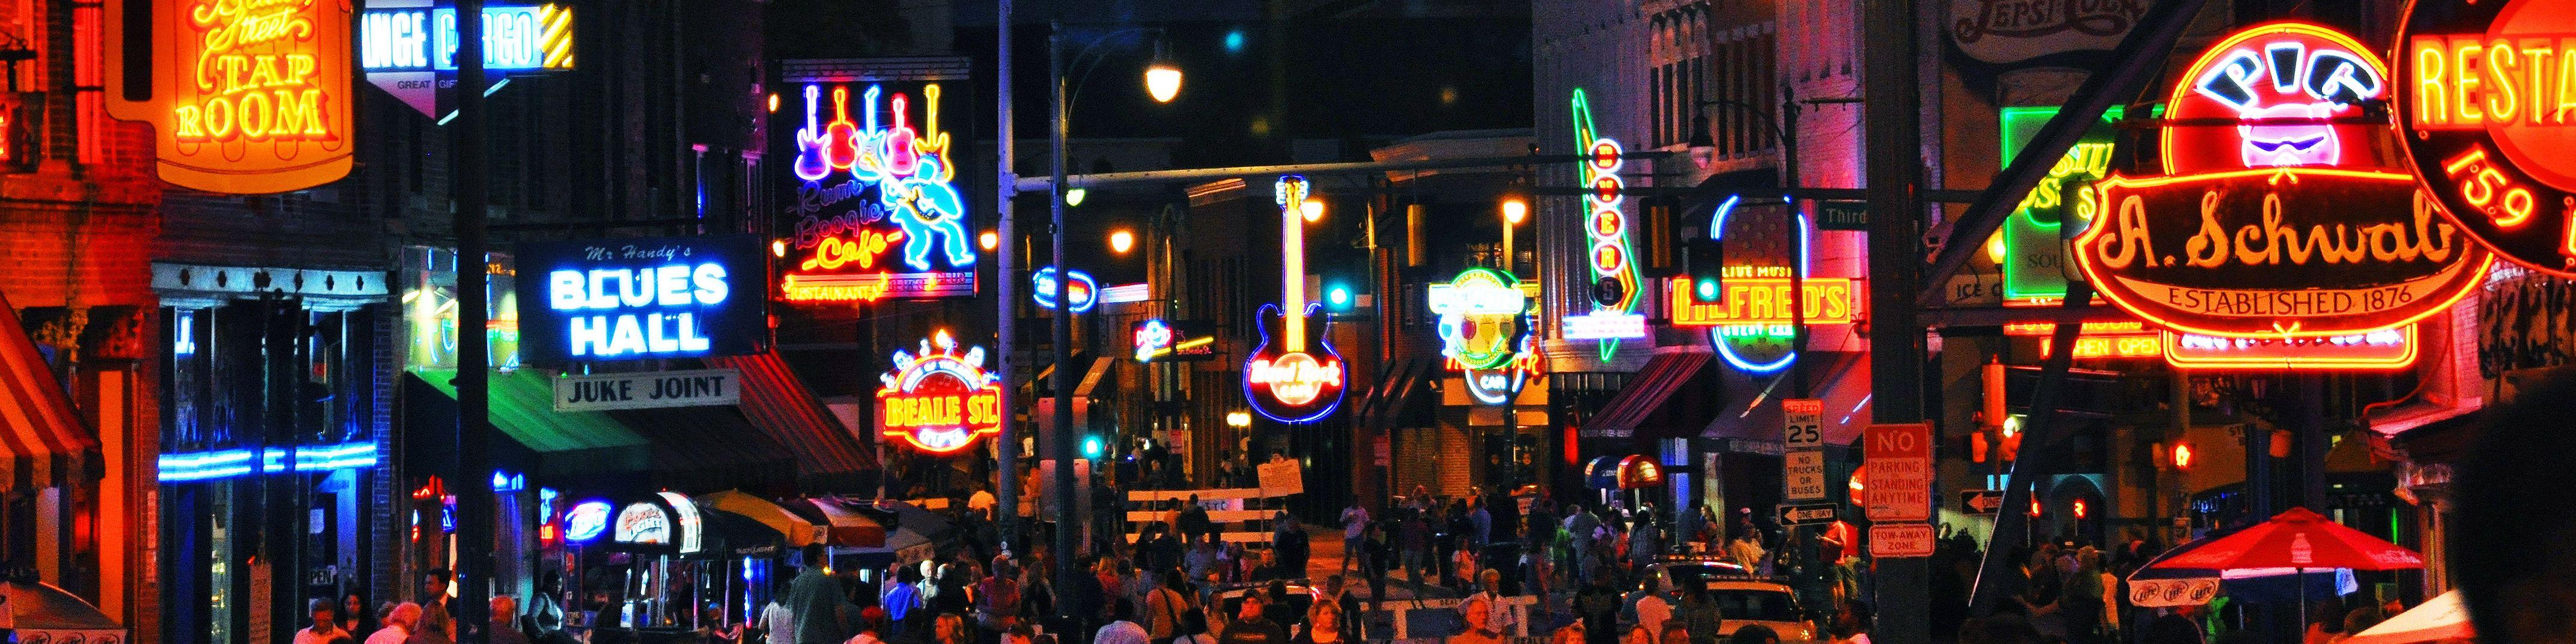 Abendliche Beale Street